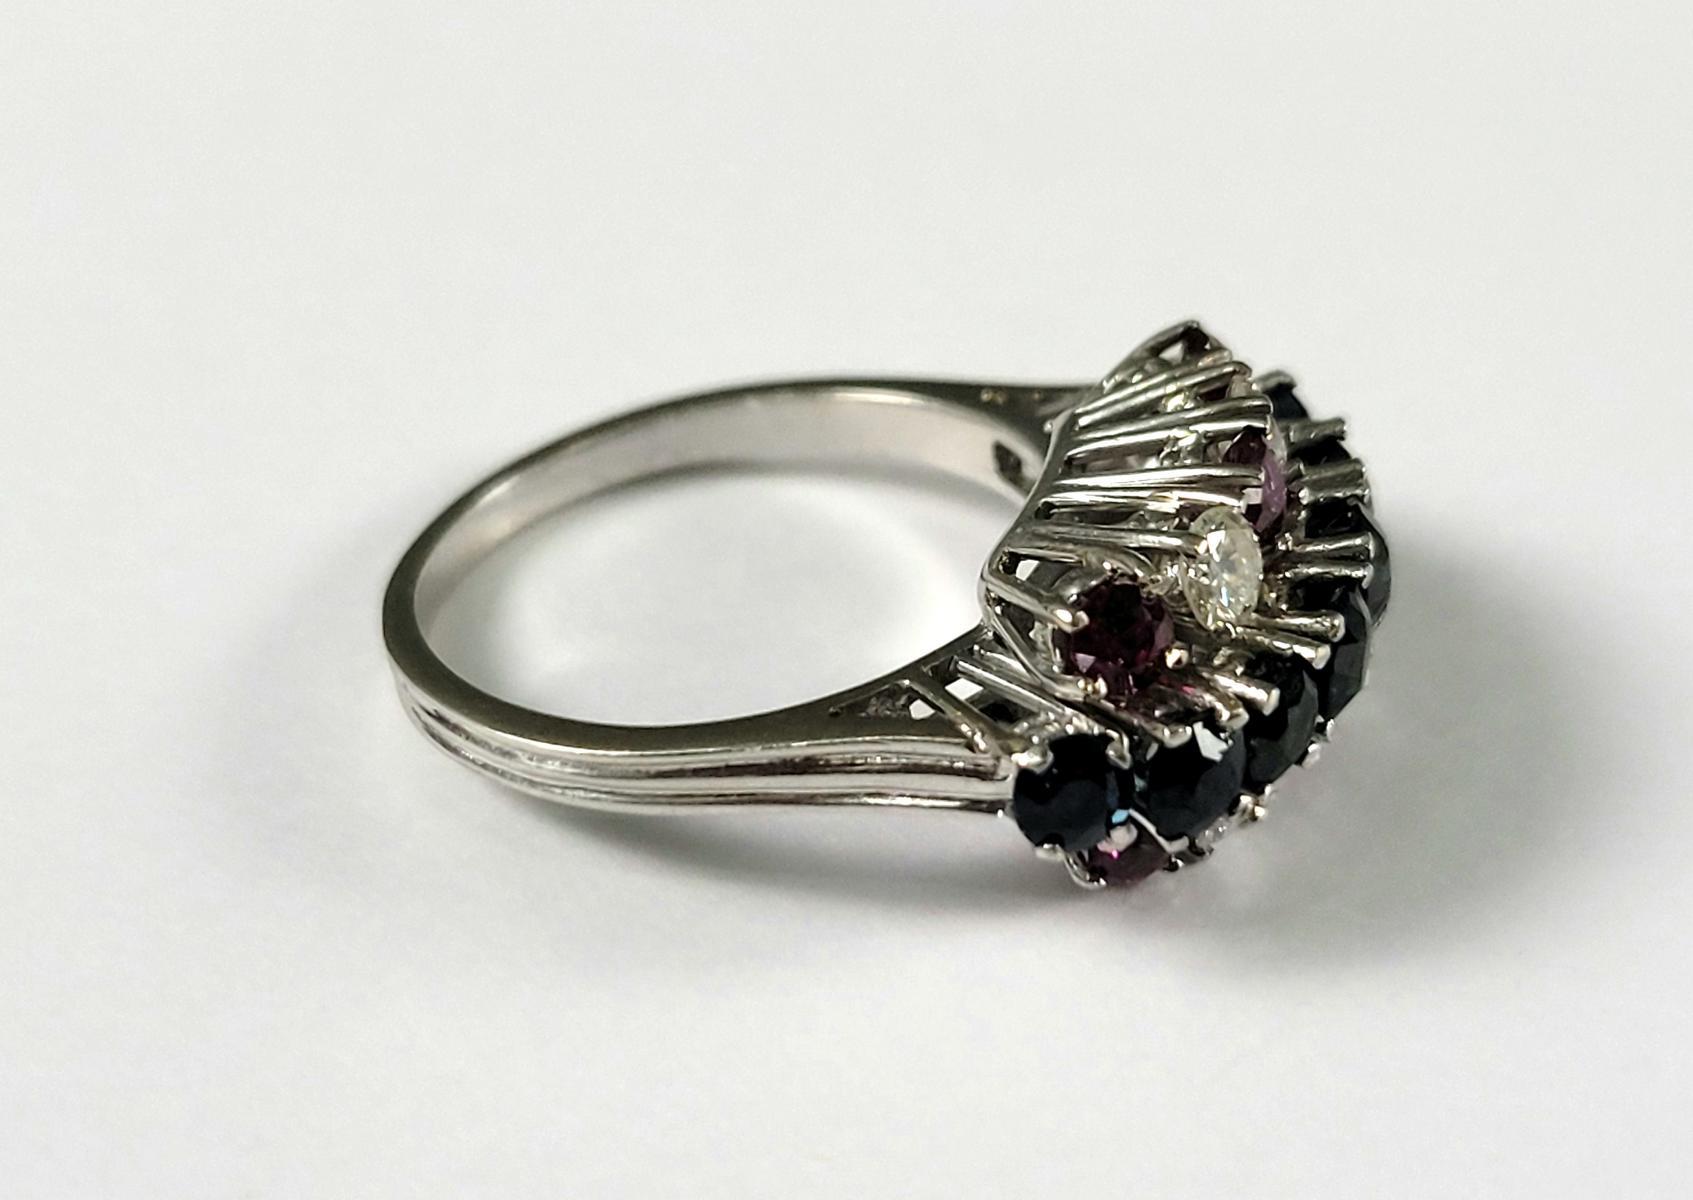 Damenring mit Saphiren, Diamanten und Rubinen, 18 Karat Weißgold-2